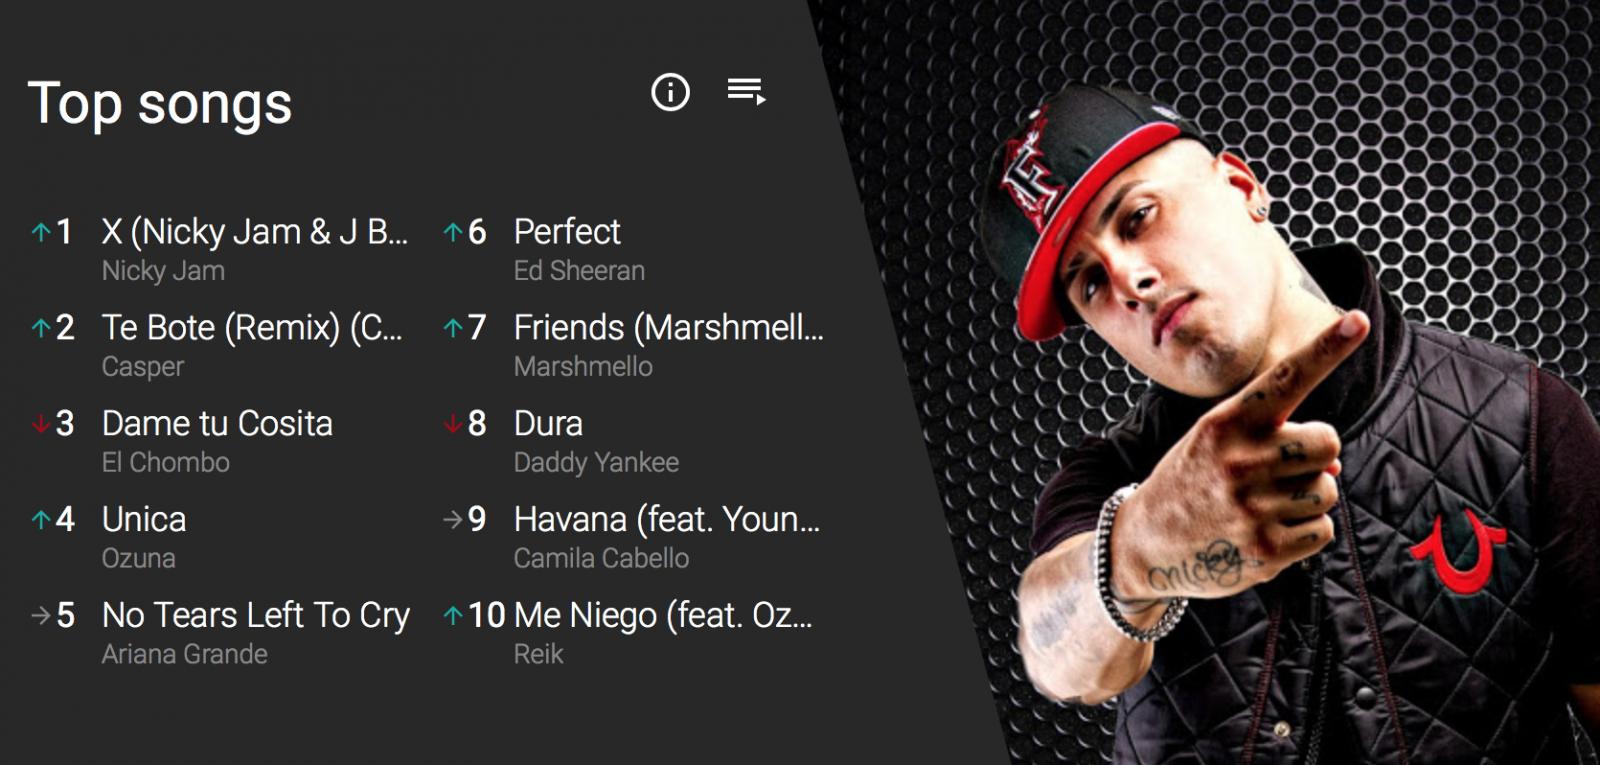 YouTube a lansat o nouă secțiune de topuri muzicale, disponibilă în 44 de țări